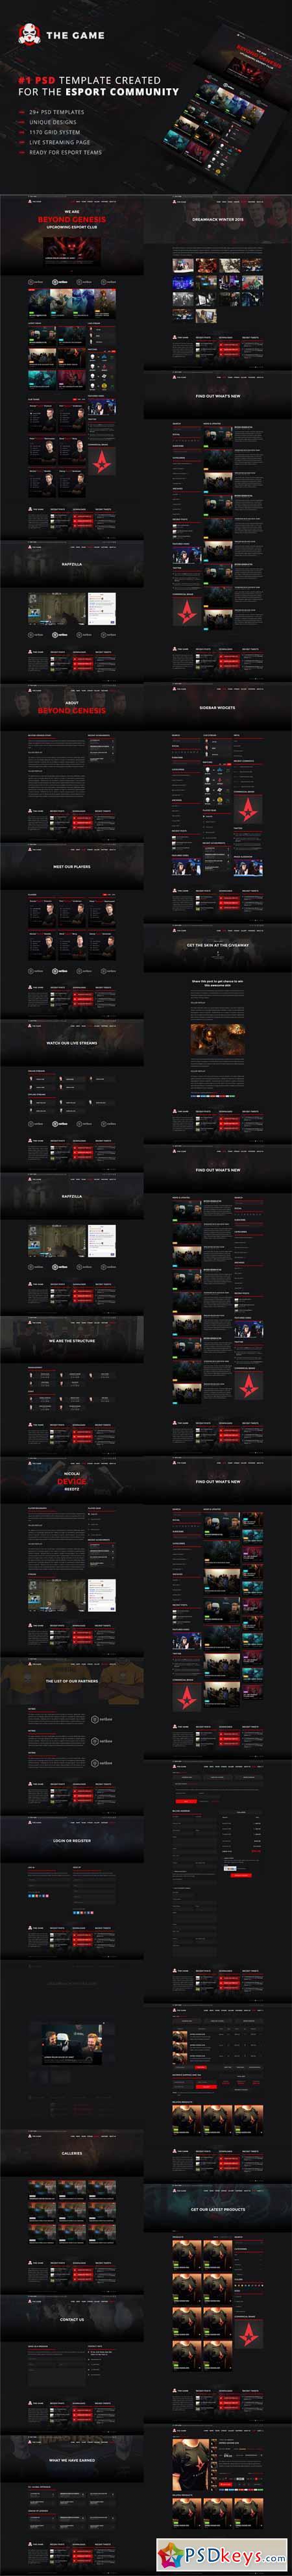 The Game - eSport PSD Gaming Templat 576257